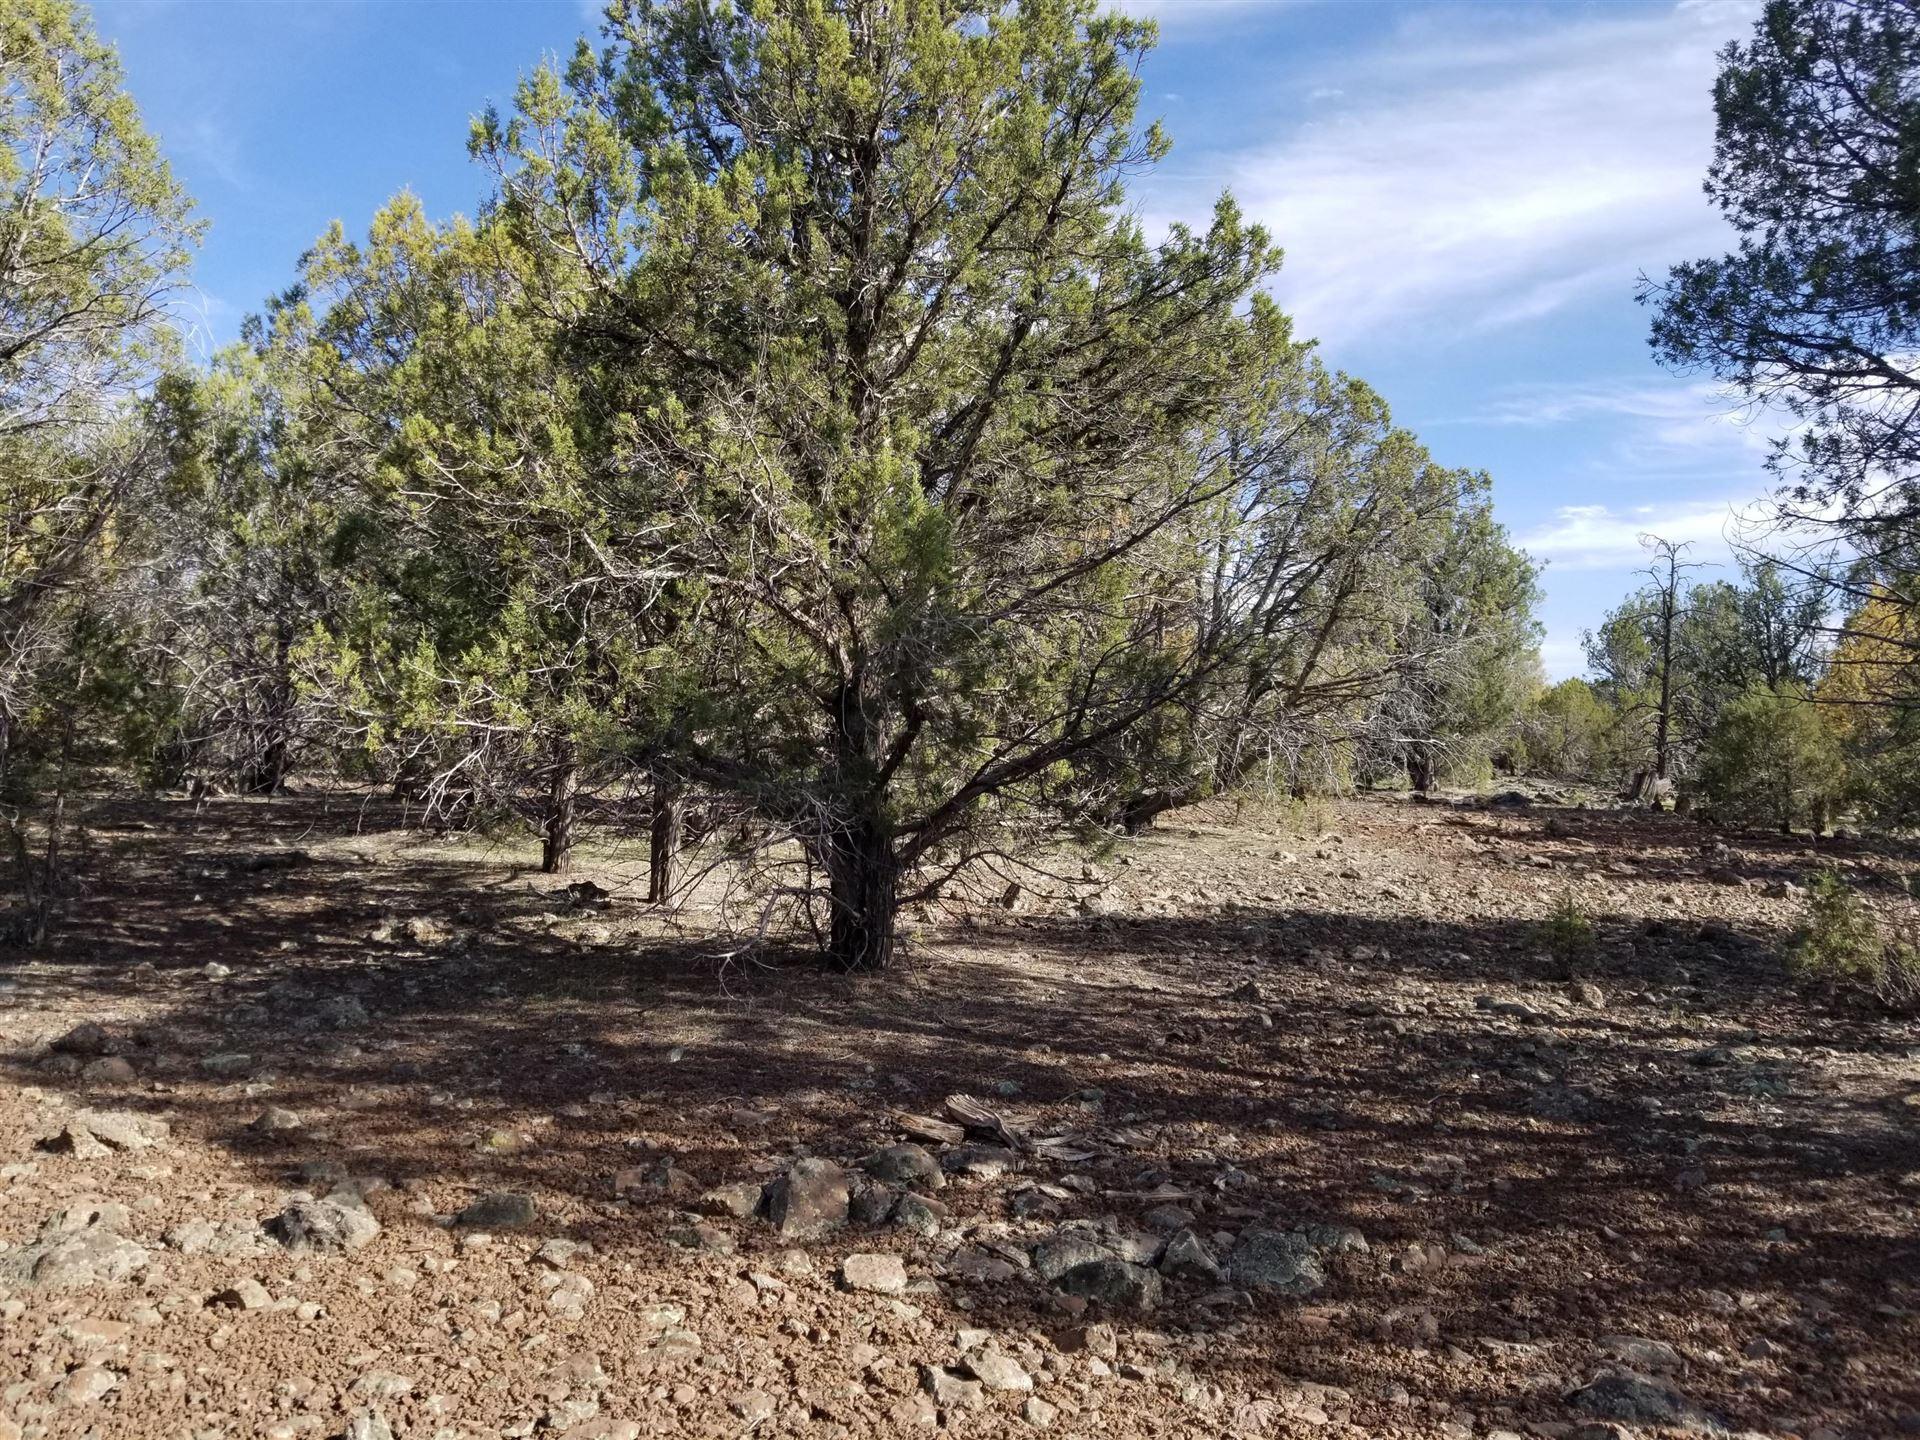 Photo of 172 Juniper Wood Ranch Road #Lot: 172, Ash Fork, AZ 86320 (MLS # 1037672)